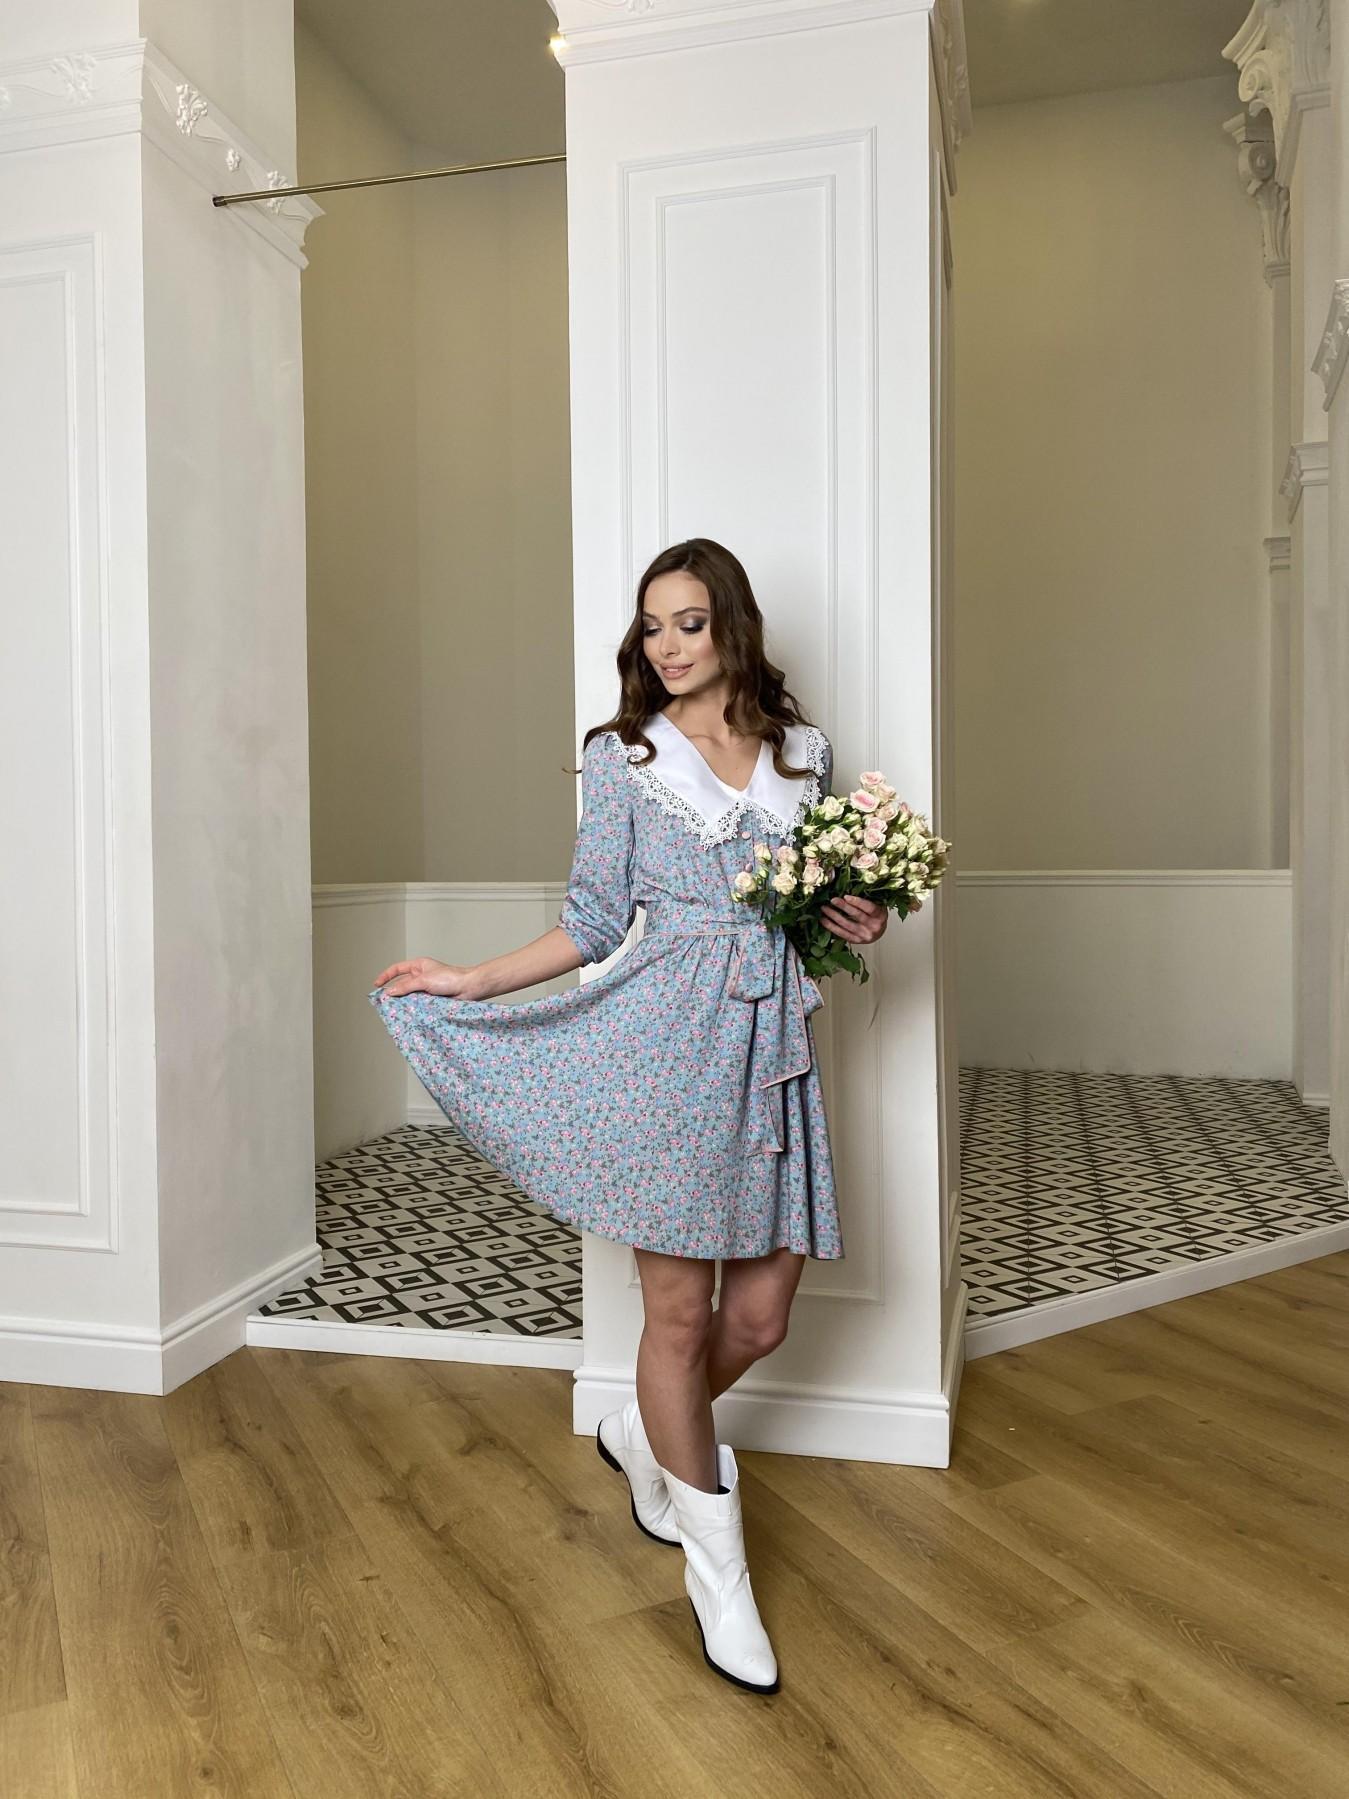 Джейн платье  костюмка штапель принт 10881 АРТ. 47419 Цвет: Цветы мел олива/роз/гол - фото 2, интернет магазин tm-modus.ru